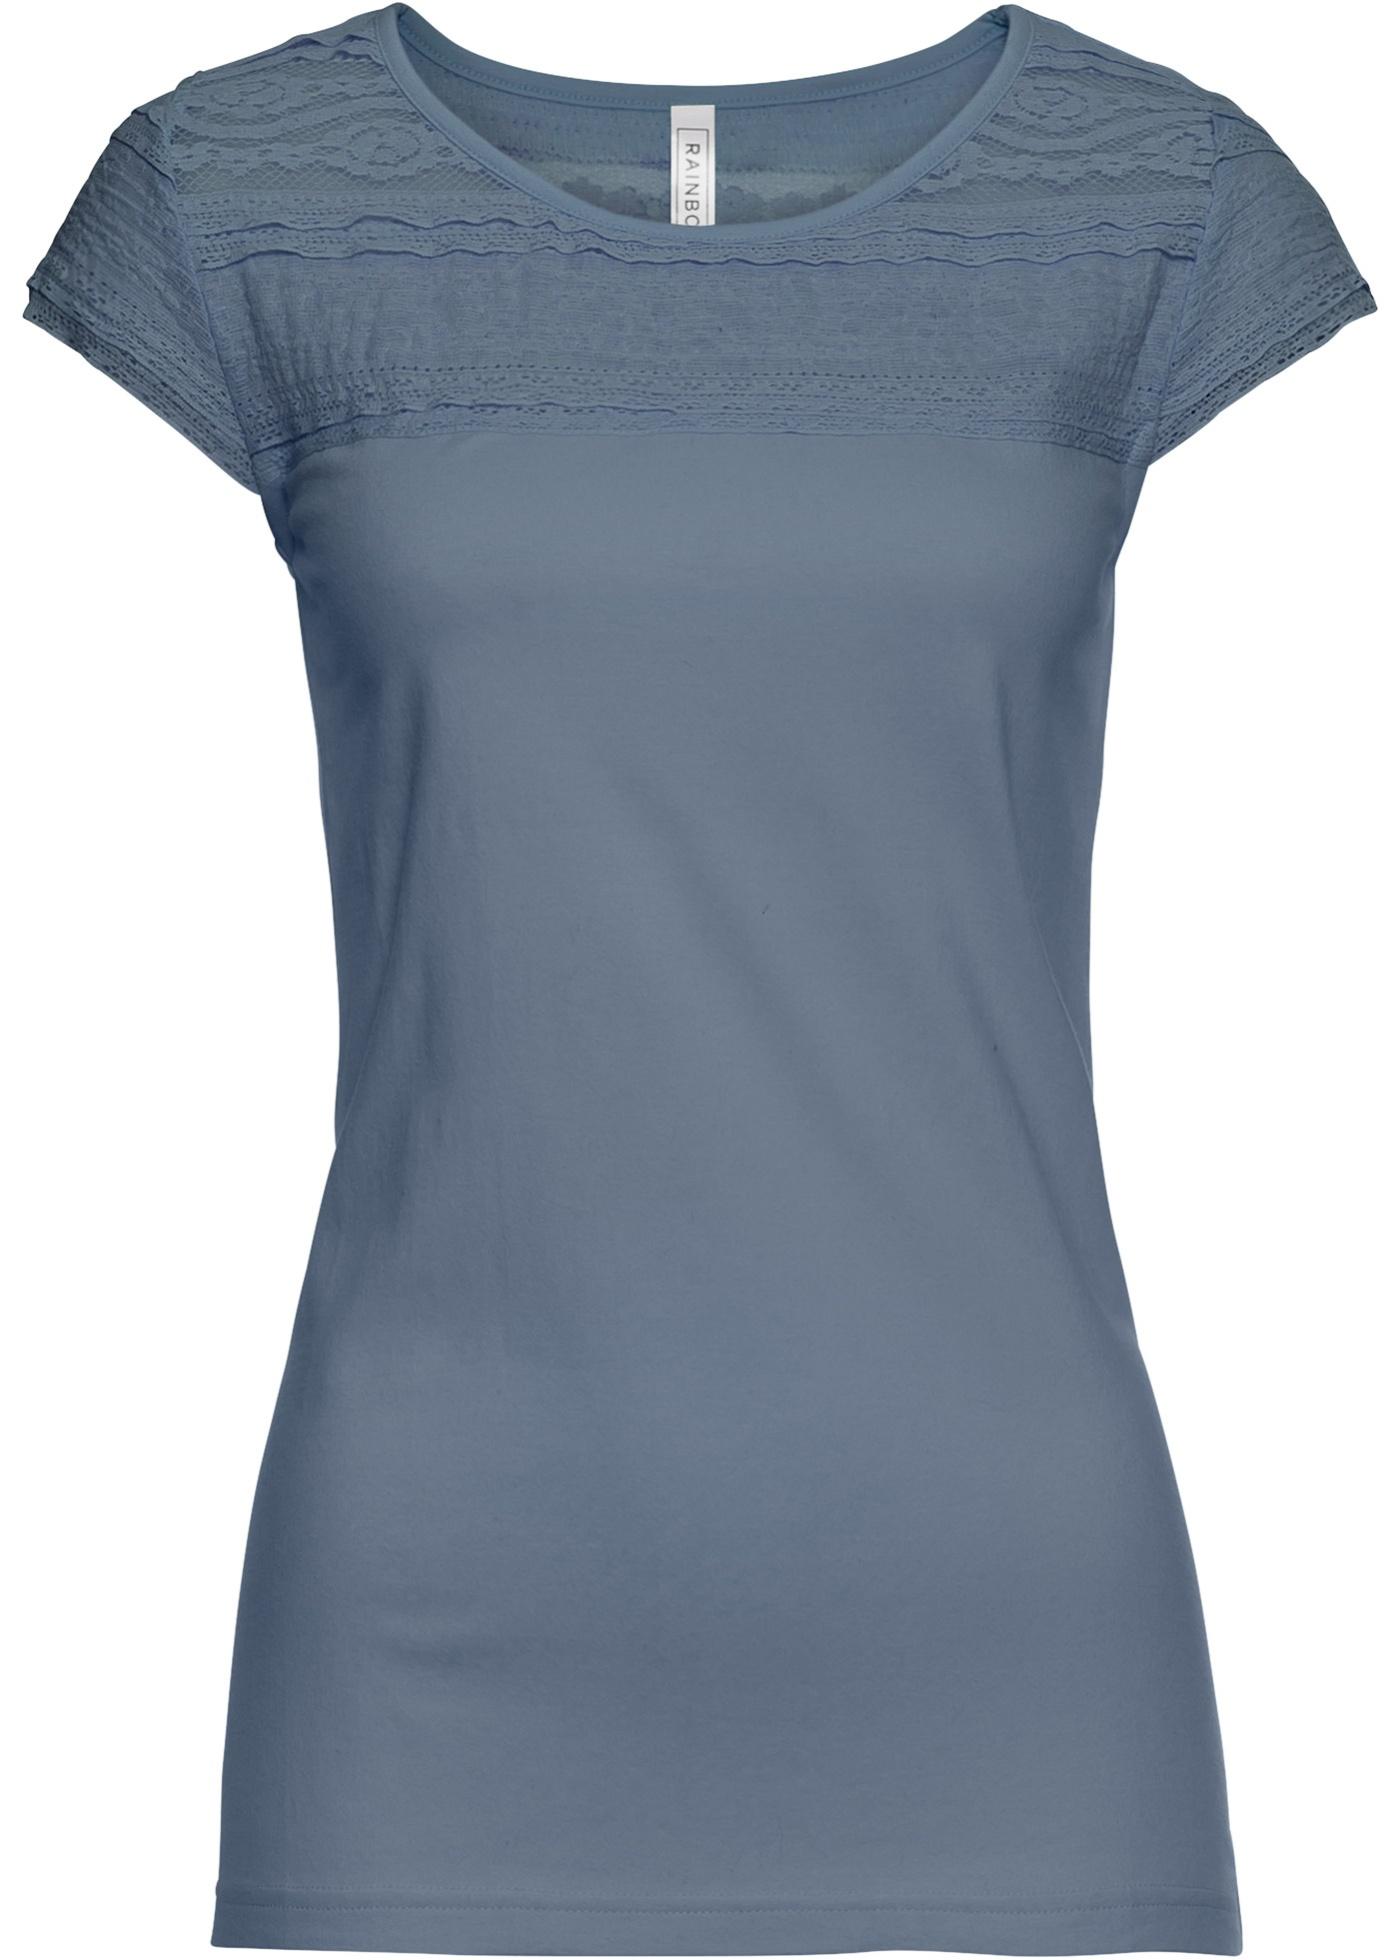 shirt Avec Courtes Gris Pour Dentelle Femme BonprixT Manches Rainbow K3TFJc1l